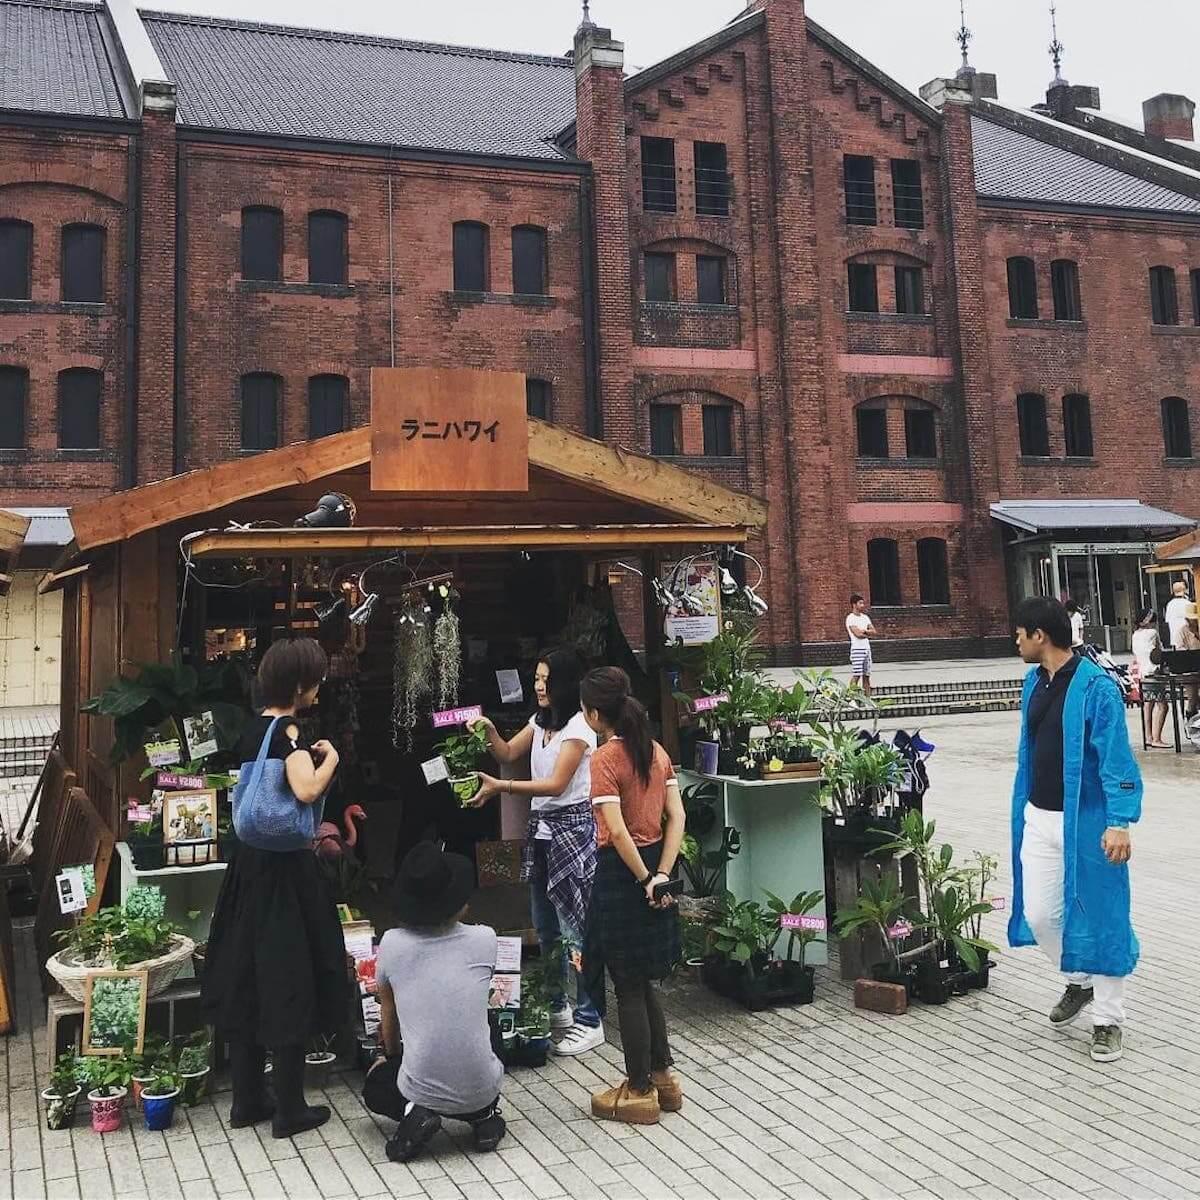 ボタニカルフェスってなに?<Local Green Festival'19>のコンテンツと魅力を大解剖 music190805_LGF_lanihawaii